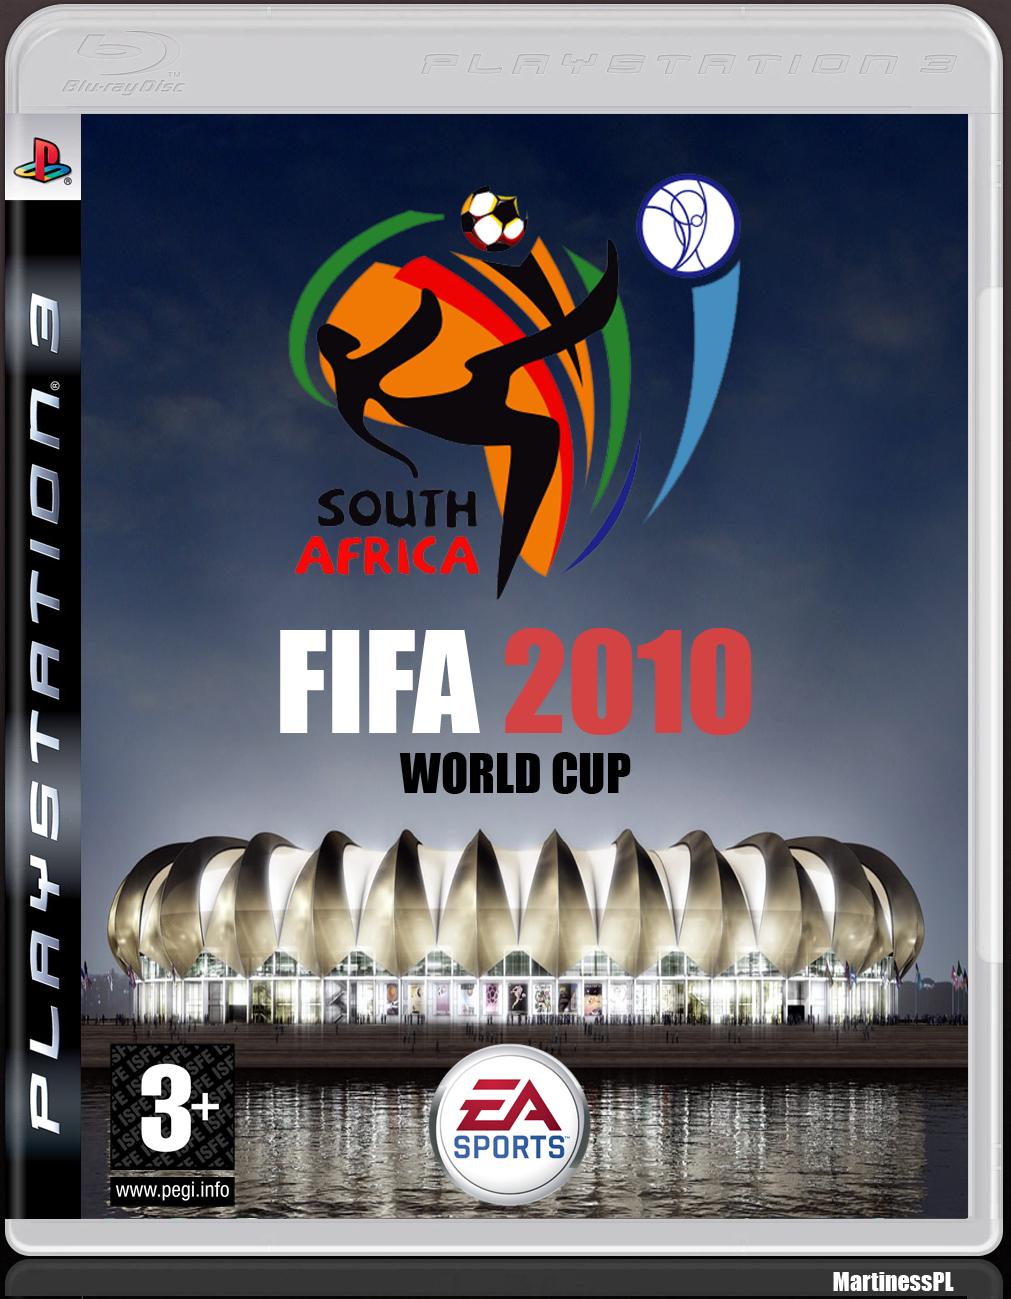 2010 FIFAワールドカップ - 2010 FIFA World Cup